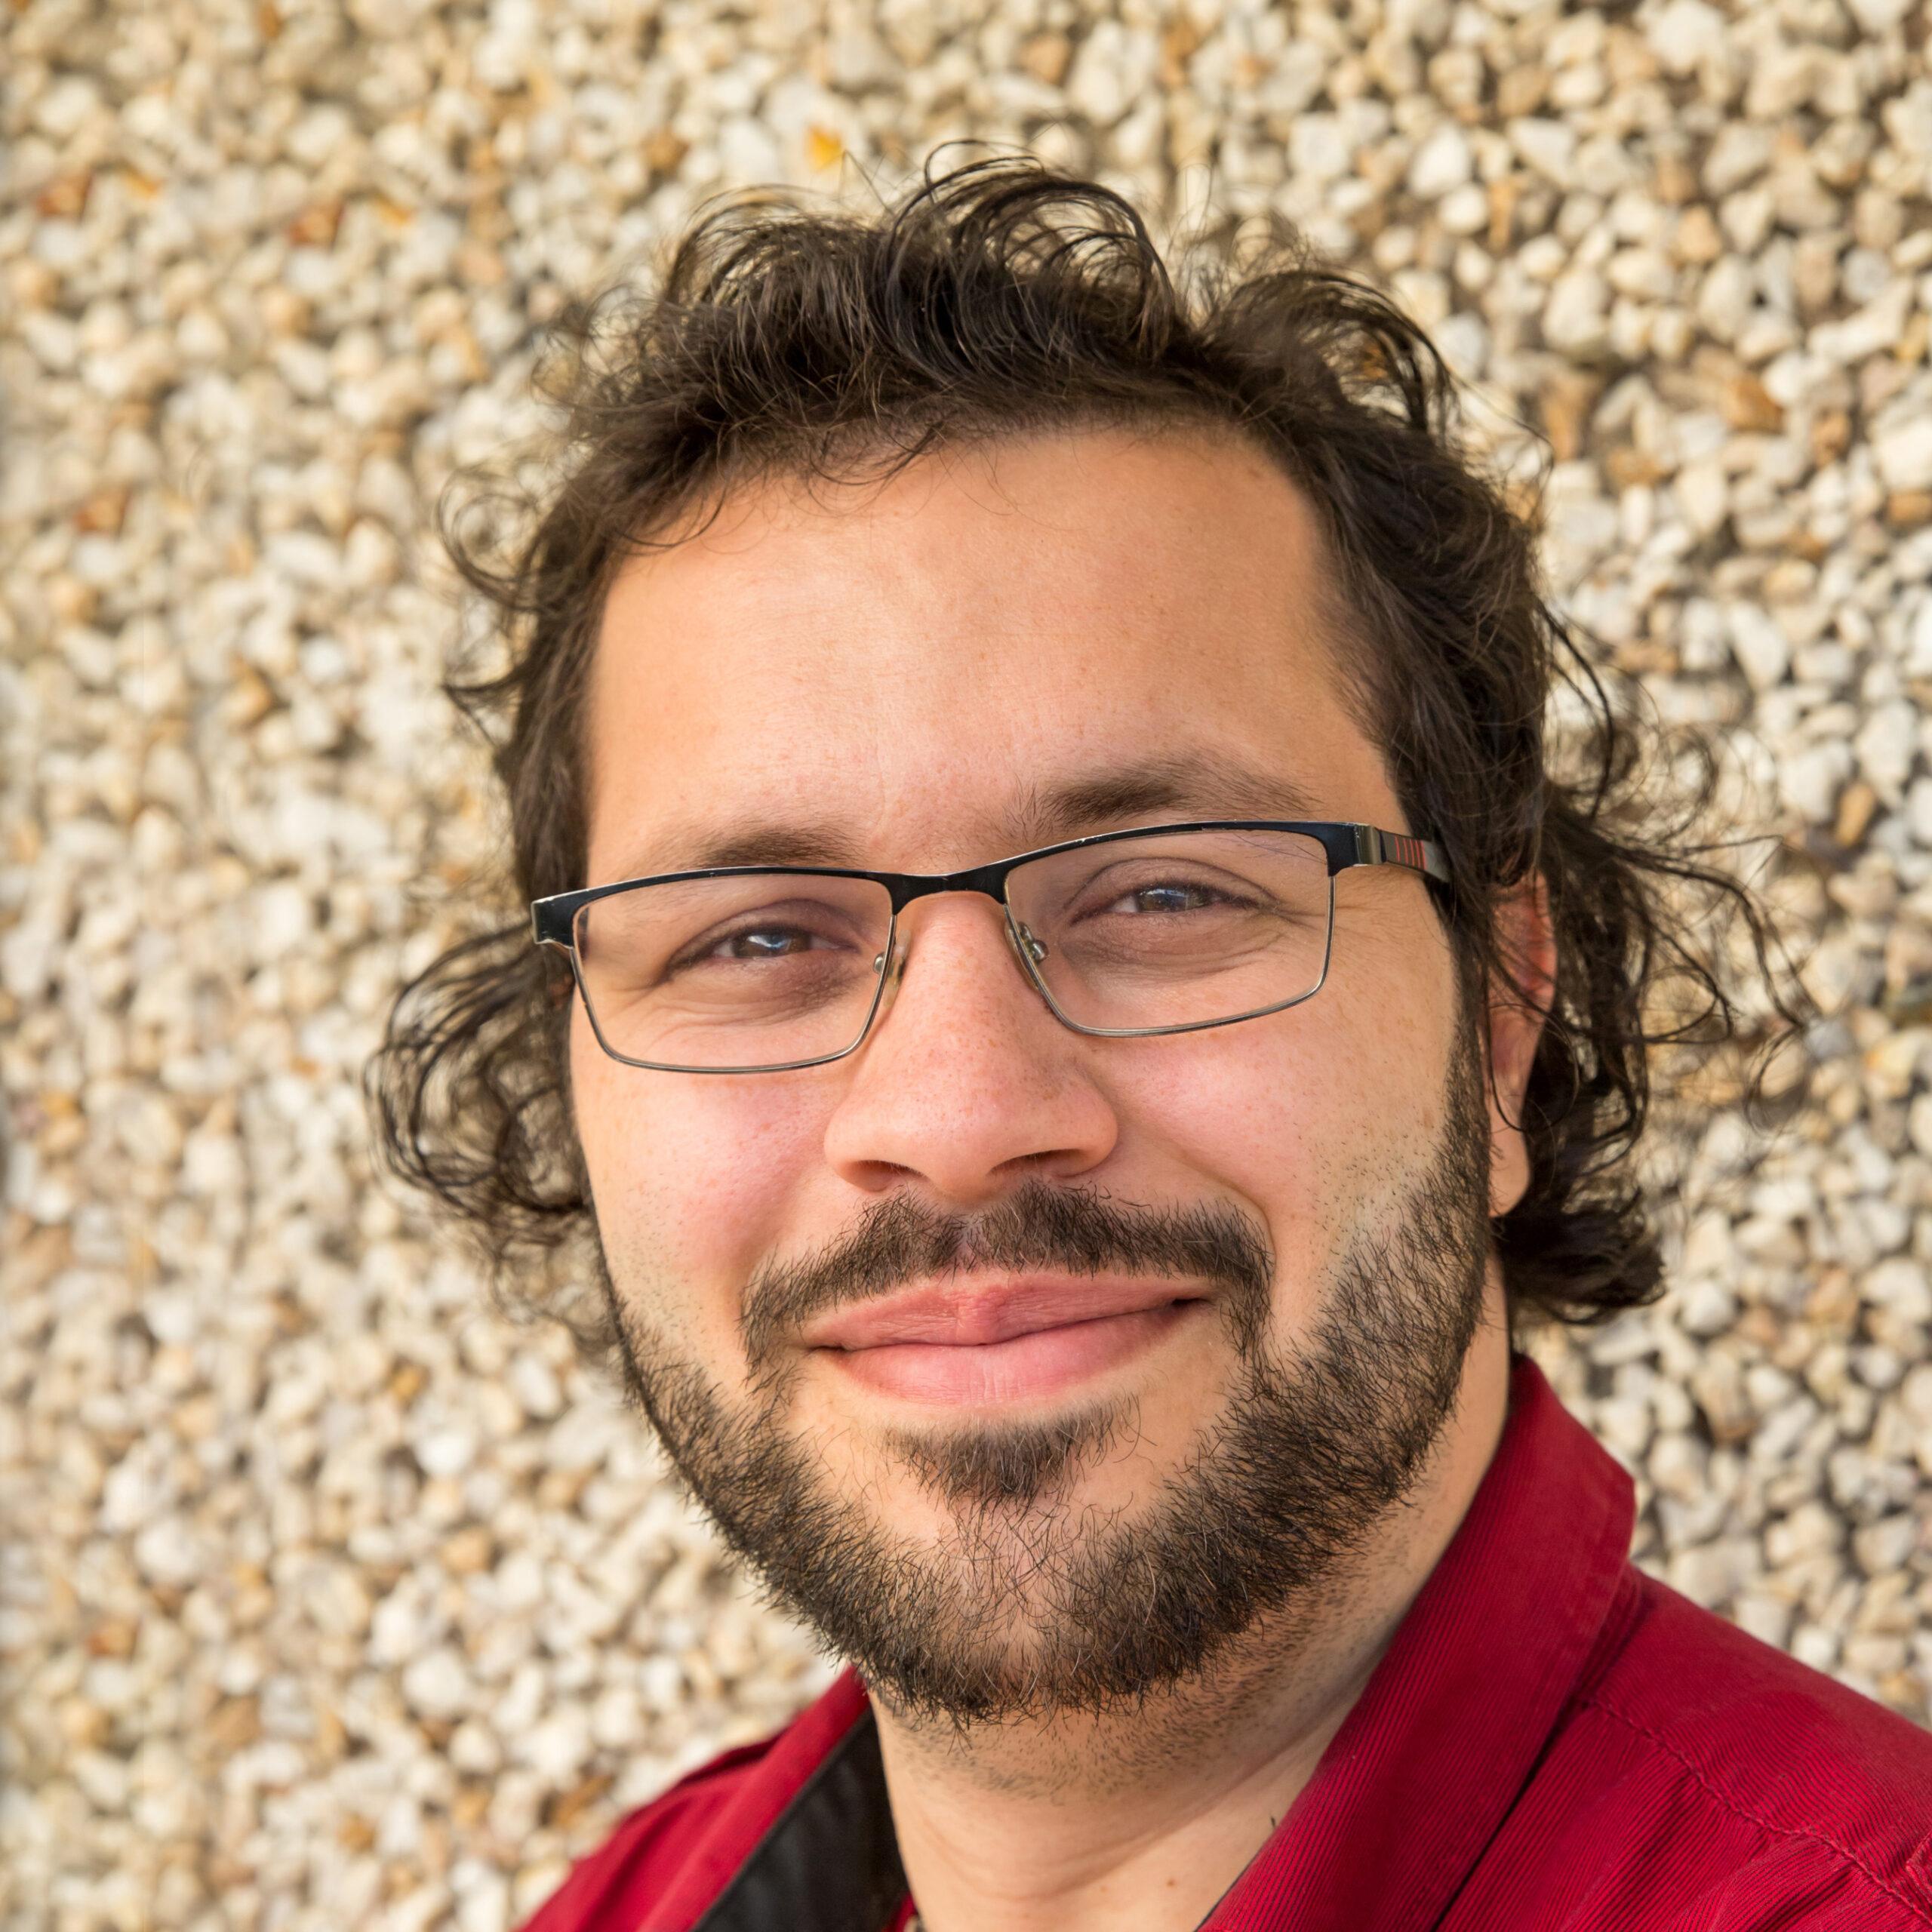 Maxime Savoie